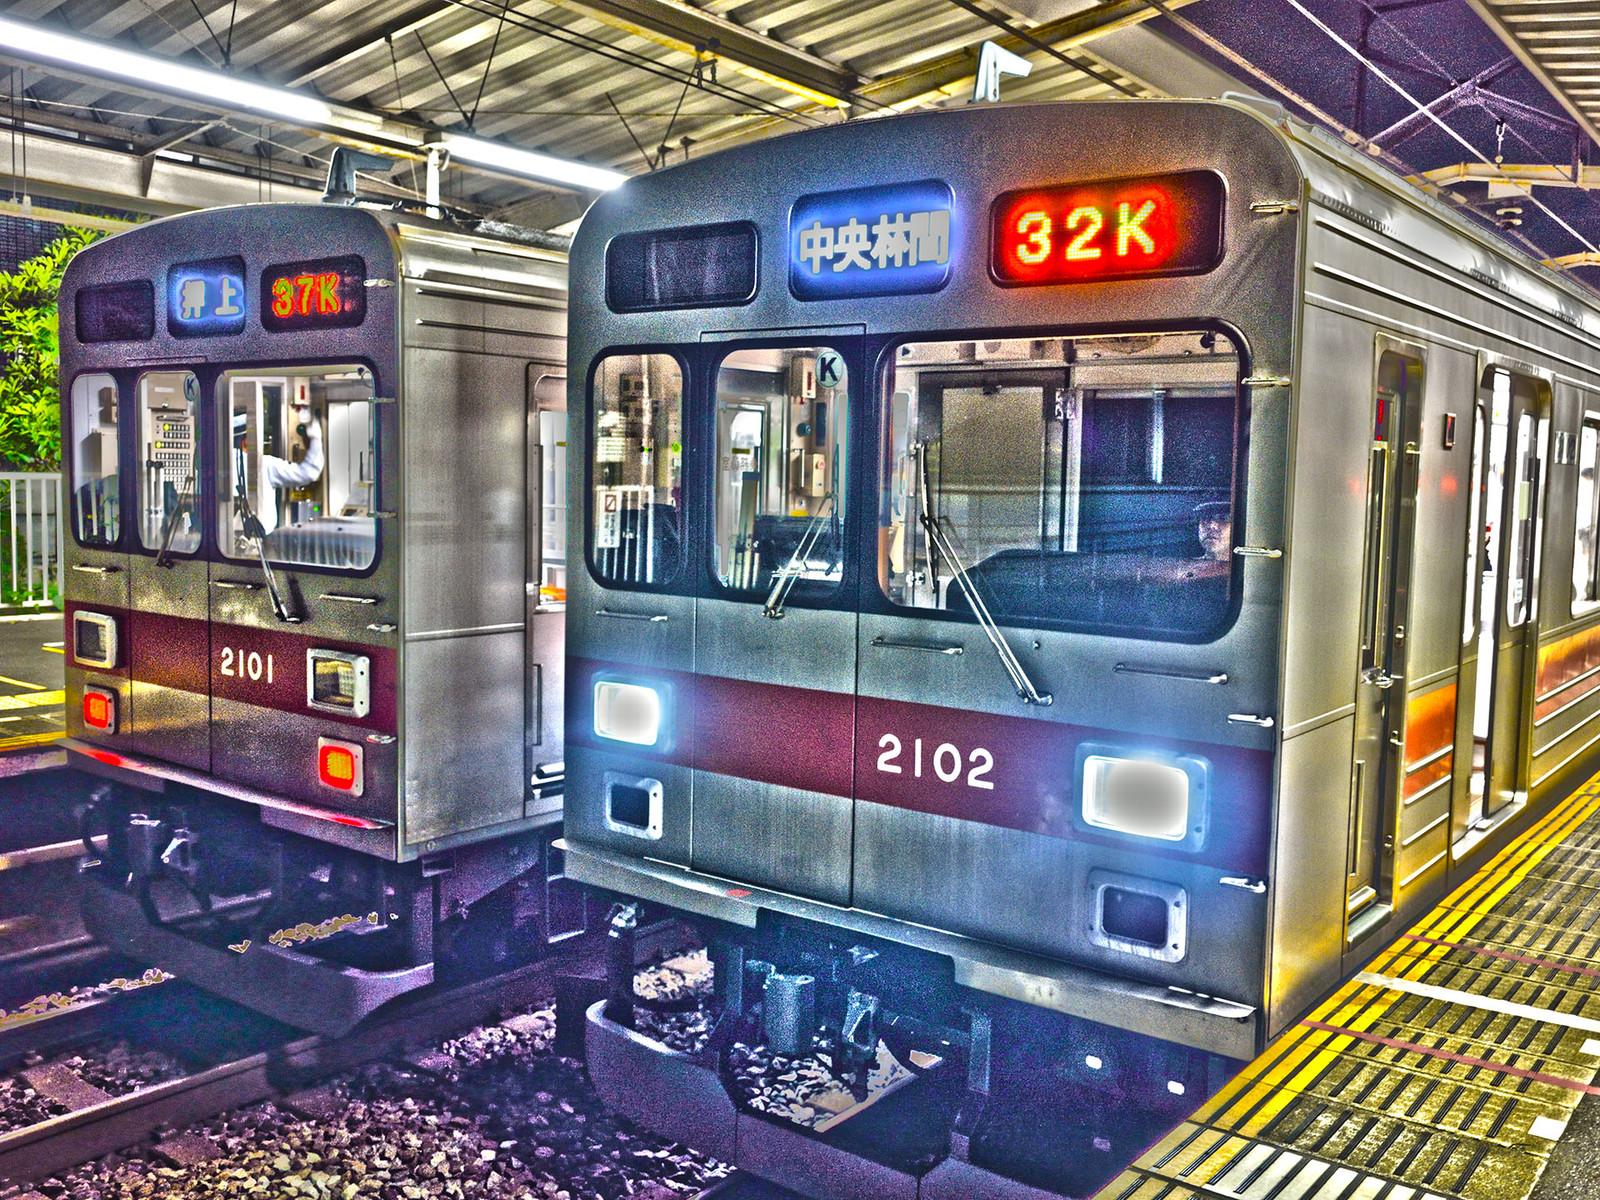 37K 2001F / 32K 2002F